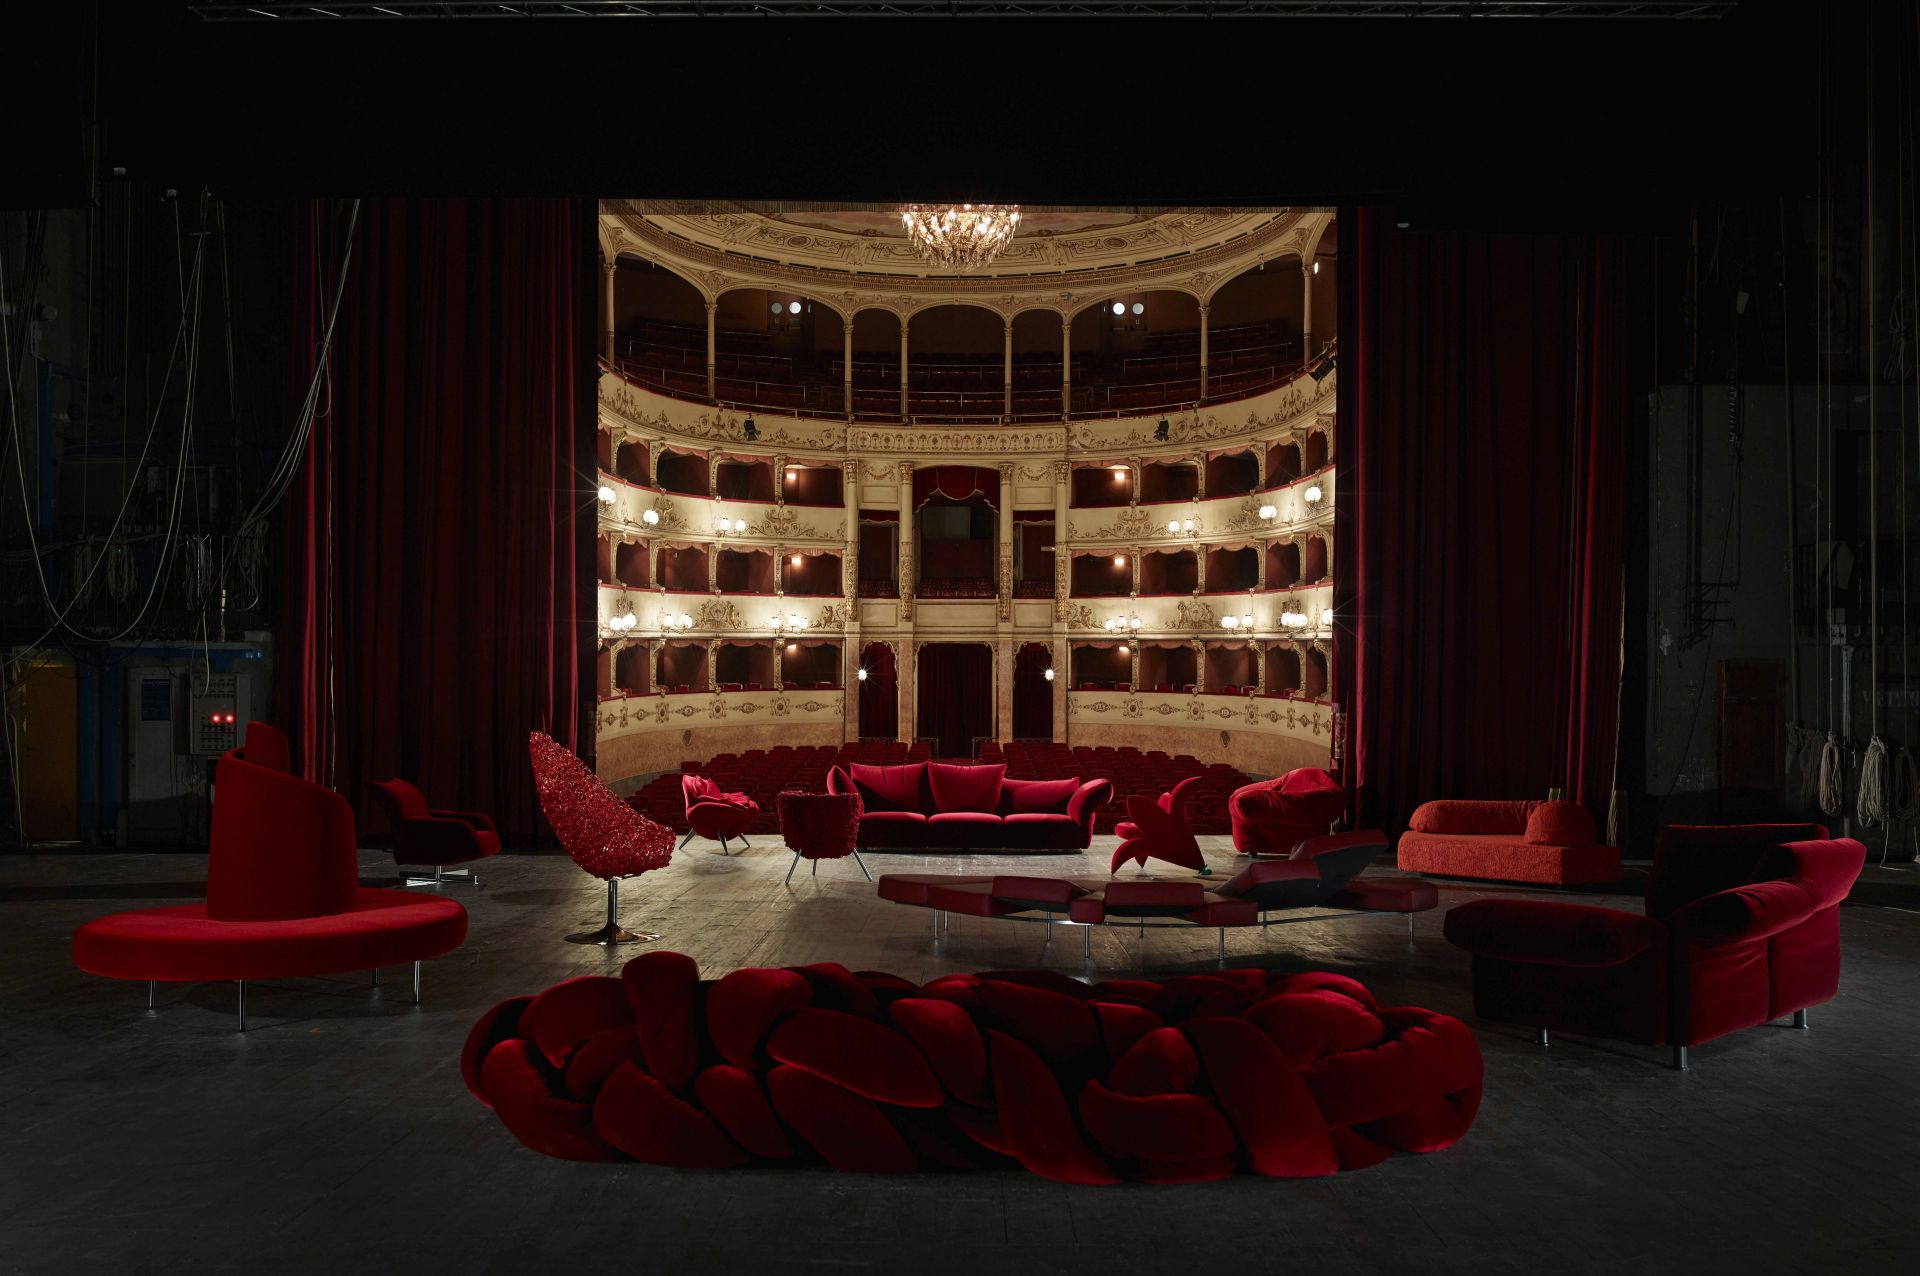 Teatro La Pergola - image 1